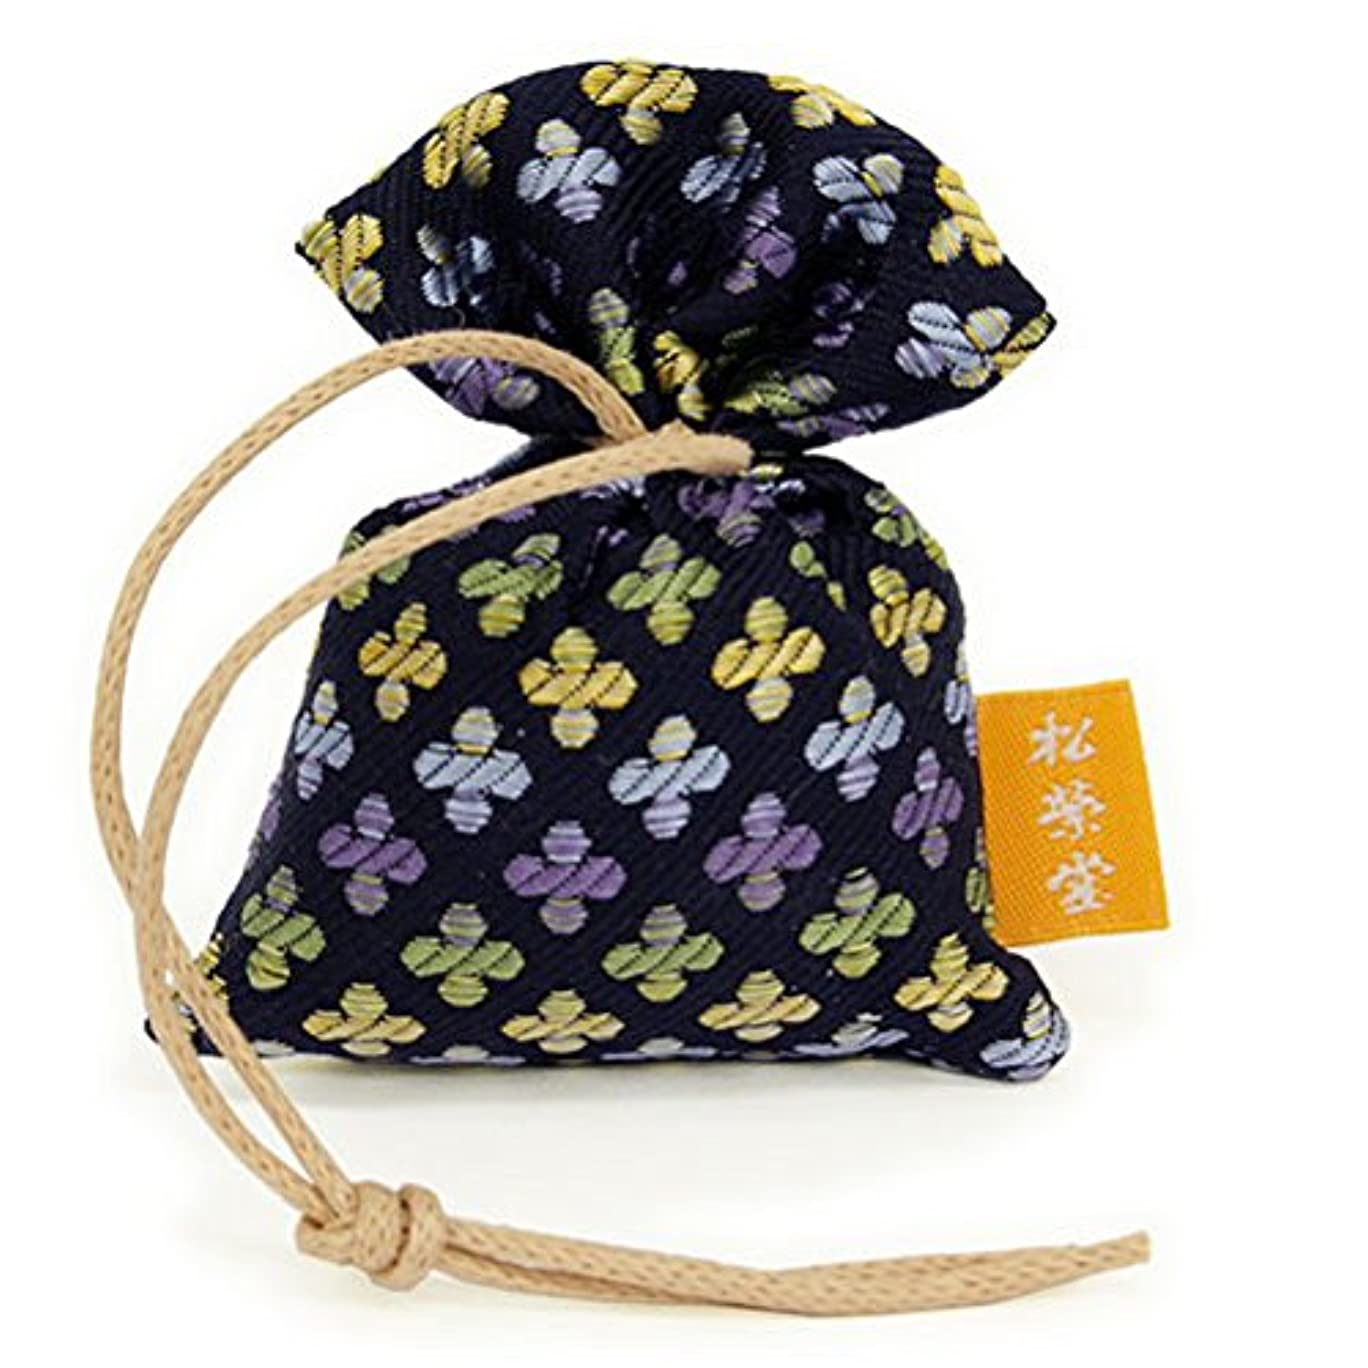 運営決定するチャネル匂い袋 誰が袖 薫 かおる 1個入 松栄堂 Shoyeido 本体長さ60mm (色?柄は選べません)